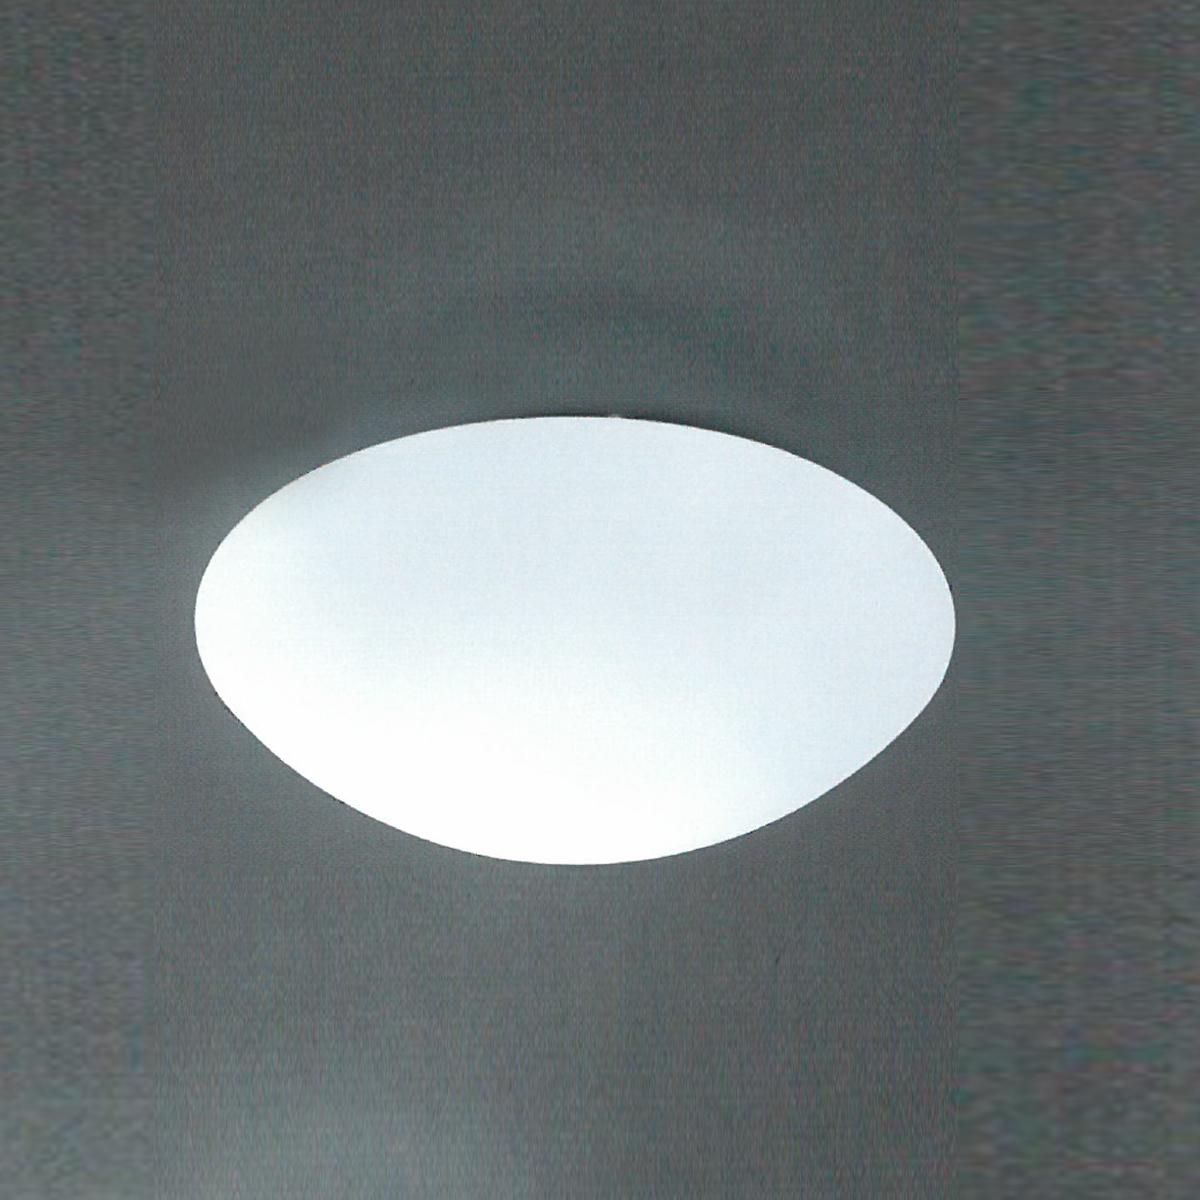 Bankamp Muri LED Deckenleuchte 7652/320-07